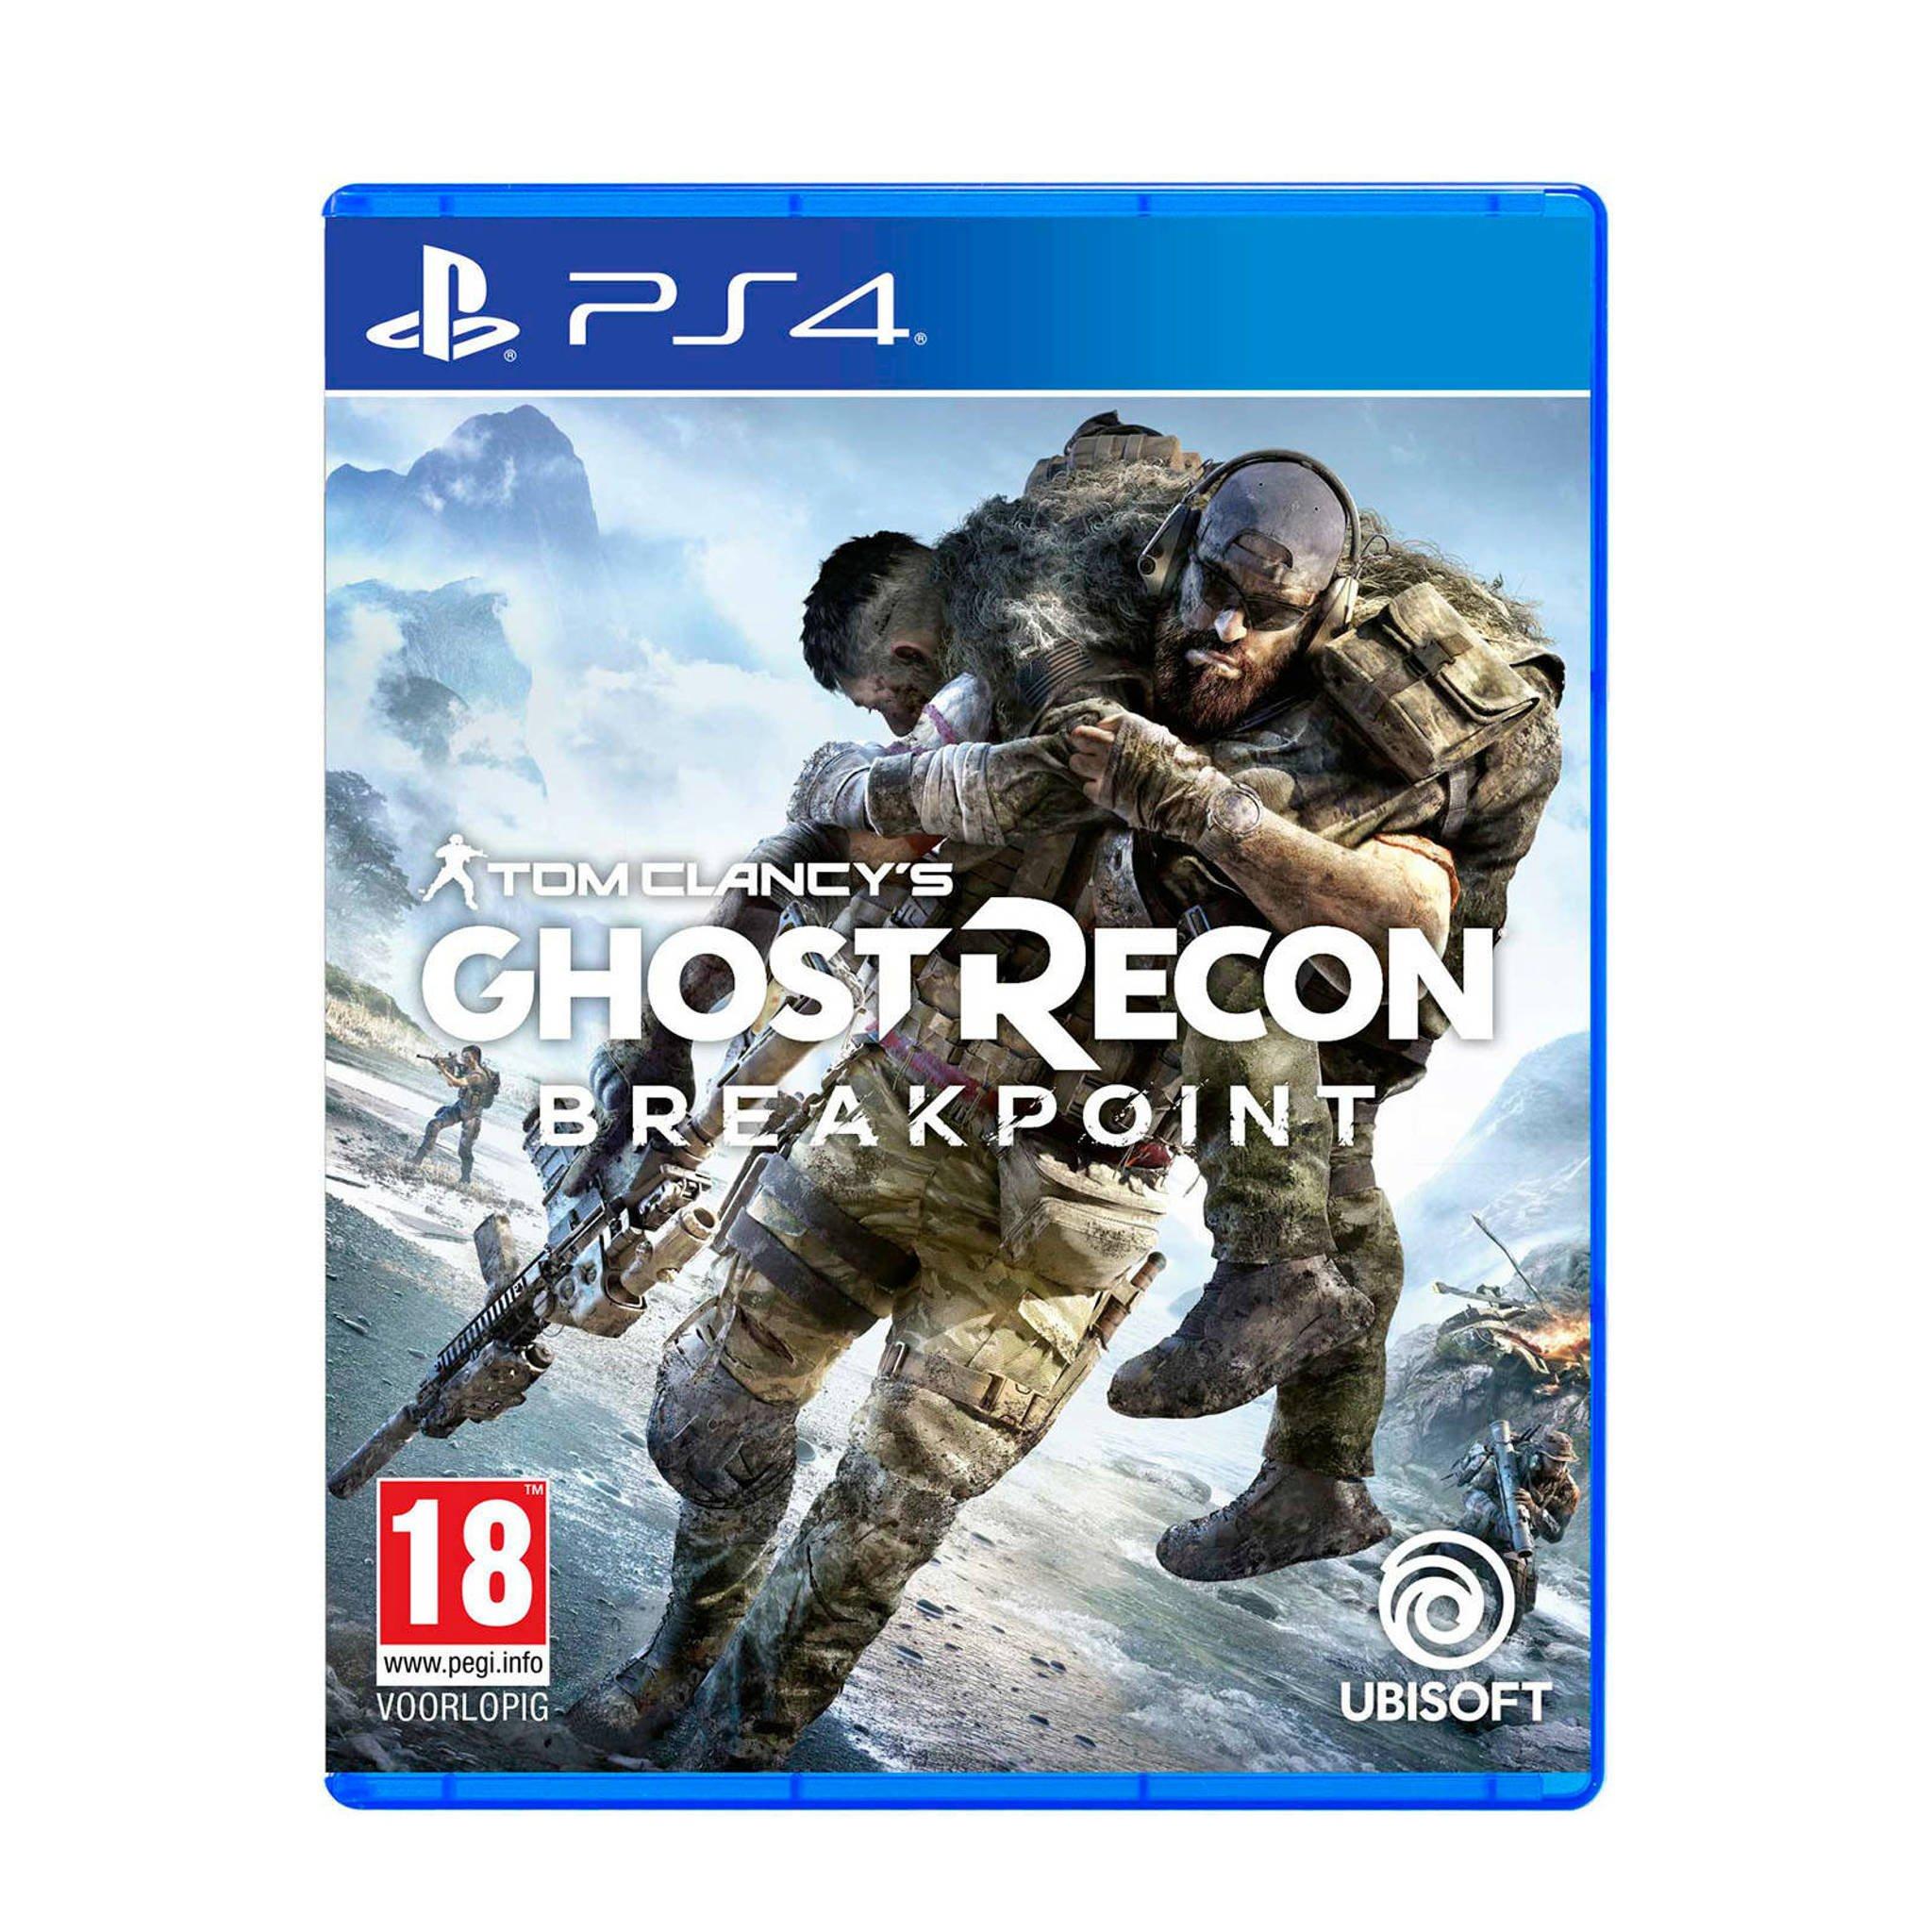 [PRIJSFOUT] Tom Clancy's Ghost Recon en For Honor (PS4) gratis @ Wehkamp